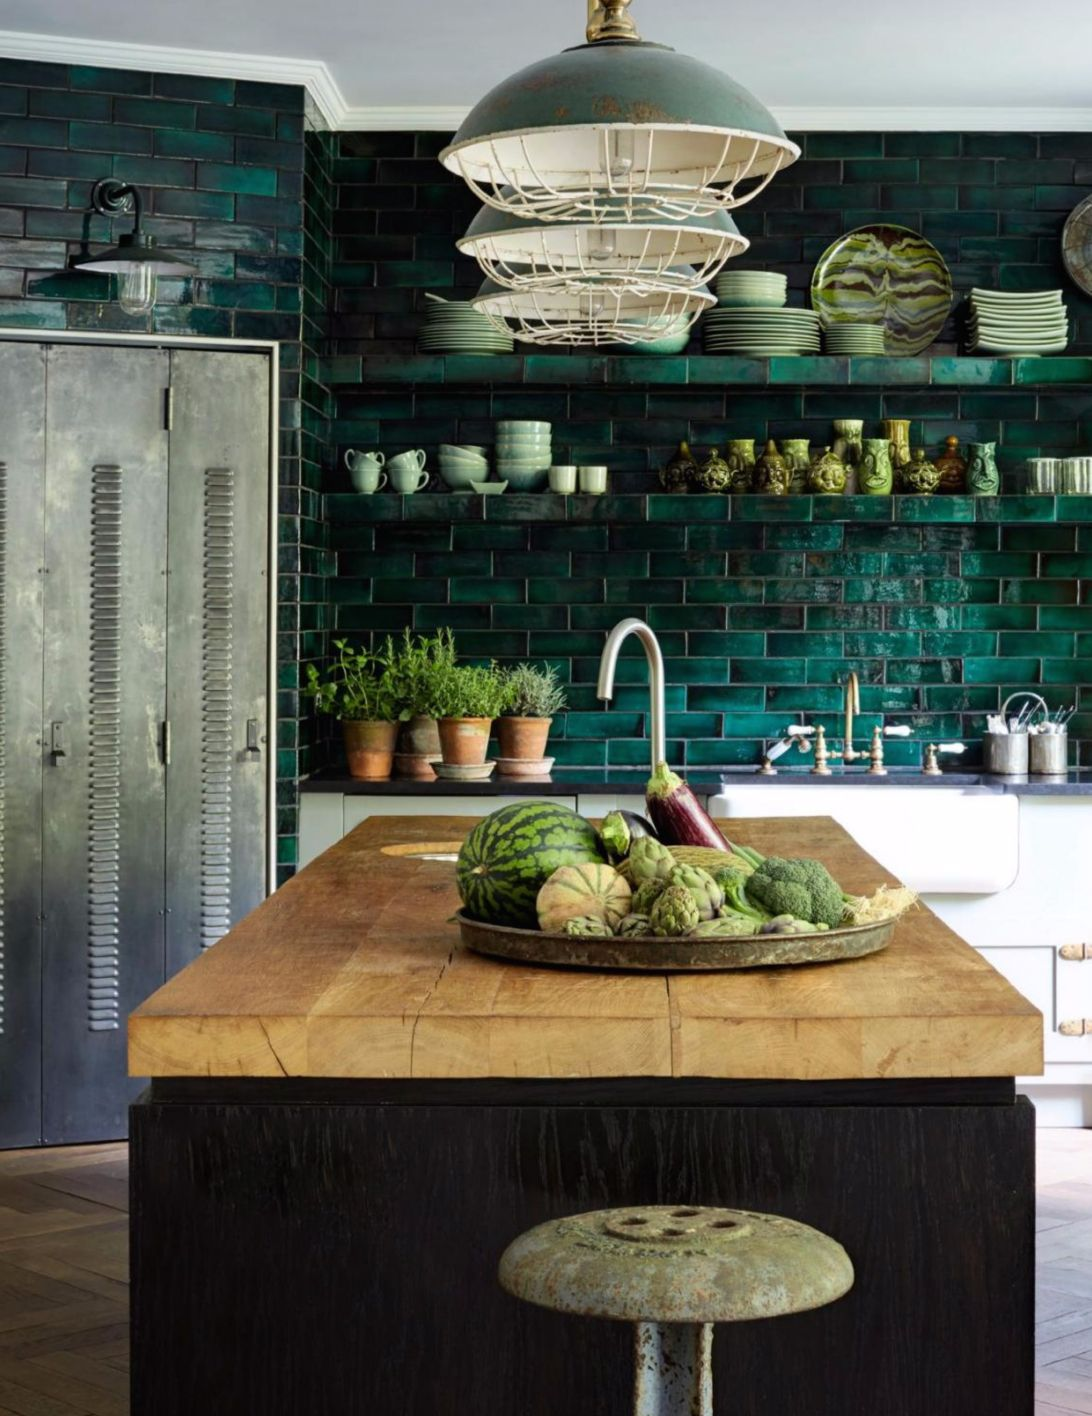 Wandtegels Keuken Voorbeelden 26x Buitenlevengevoel Nl